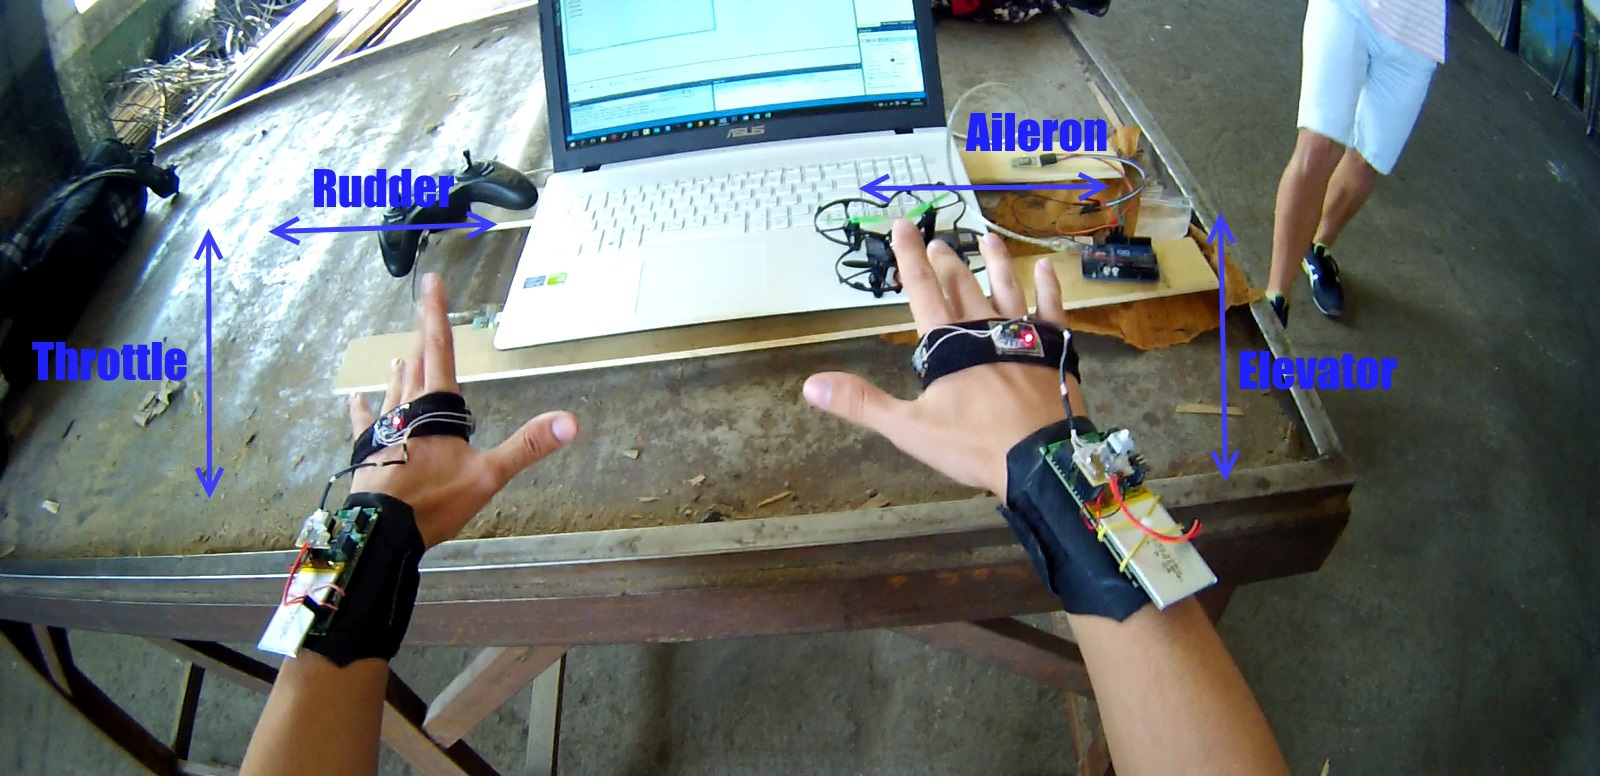 Gestus — контроль радиоуправляемых моделей с помощью жестов - 5